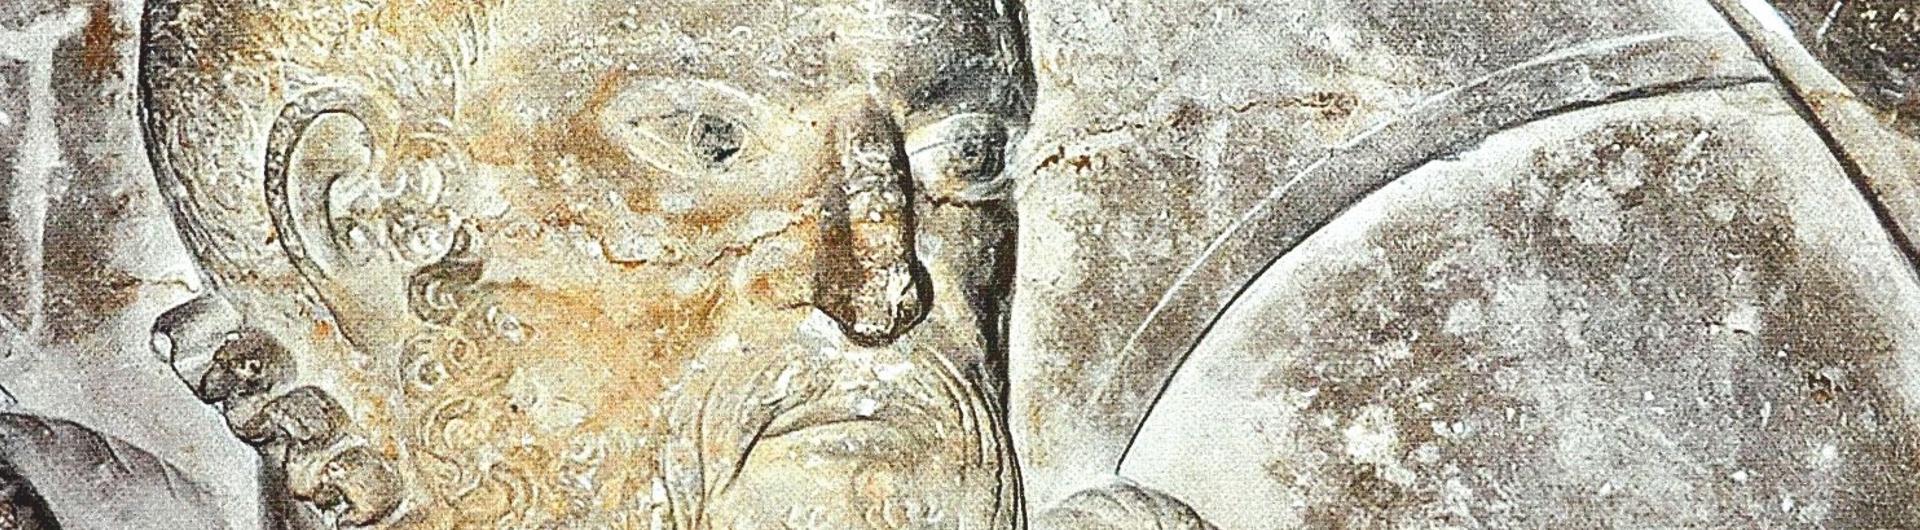 Grabplatte Philipps I. Herzog zu Braunschweig-Grubenhagen